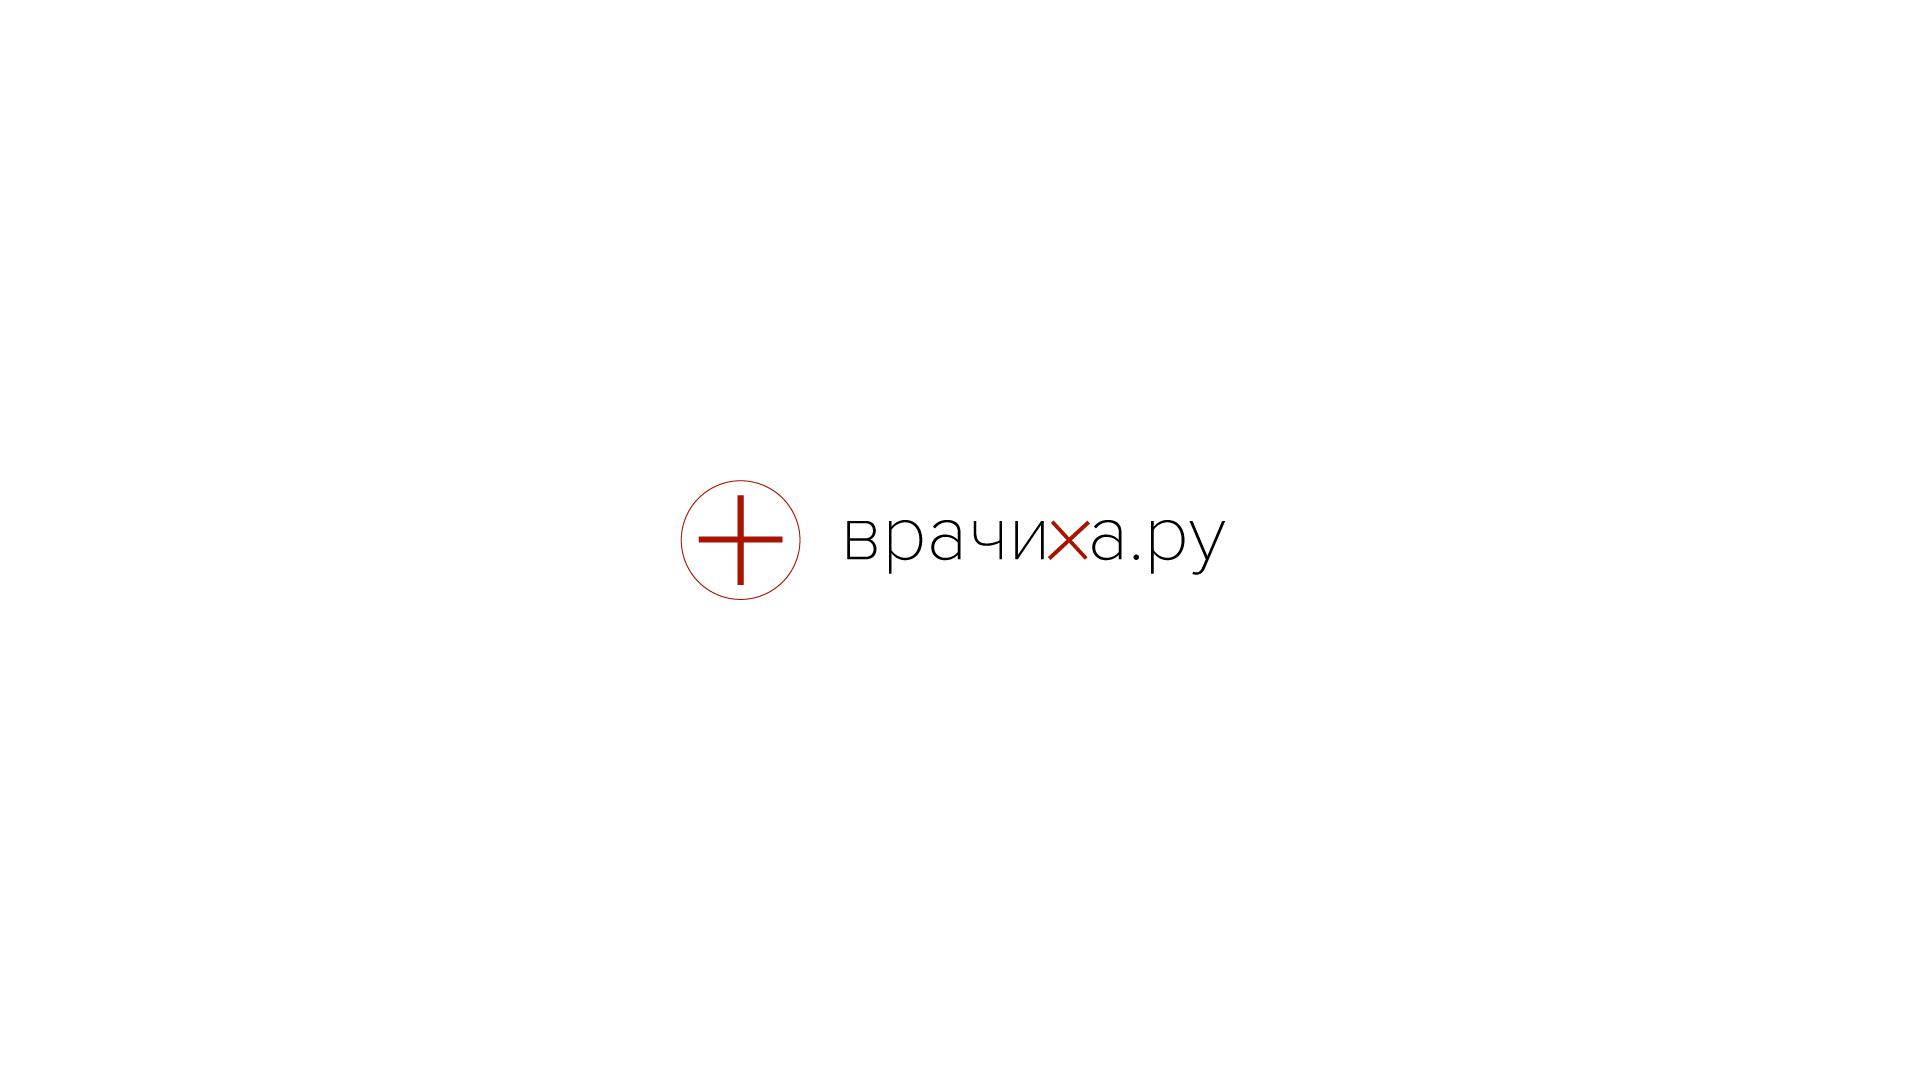 Необходимо разработать логотип для медицинского портала фото f_2985c006100e6adf.png